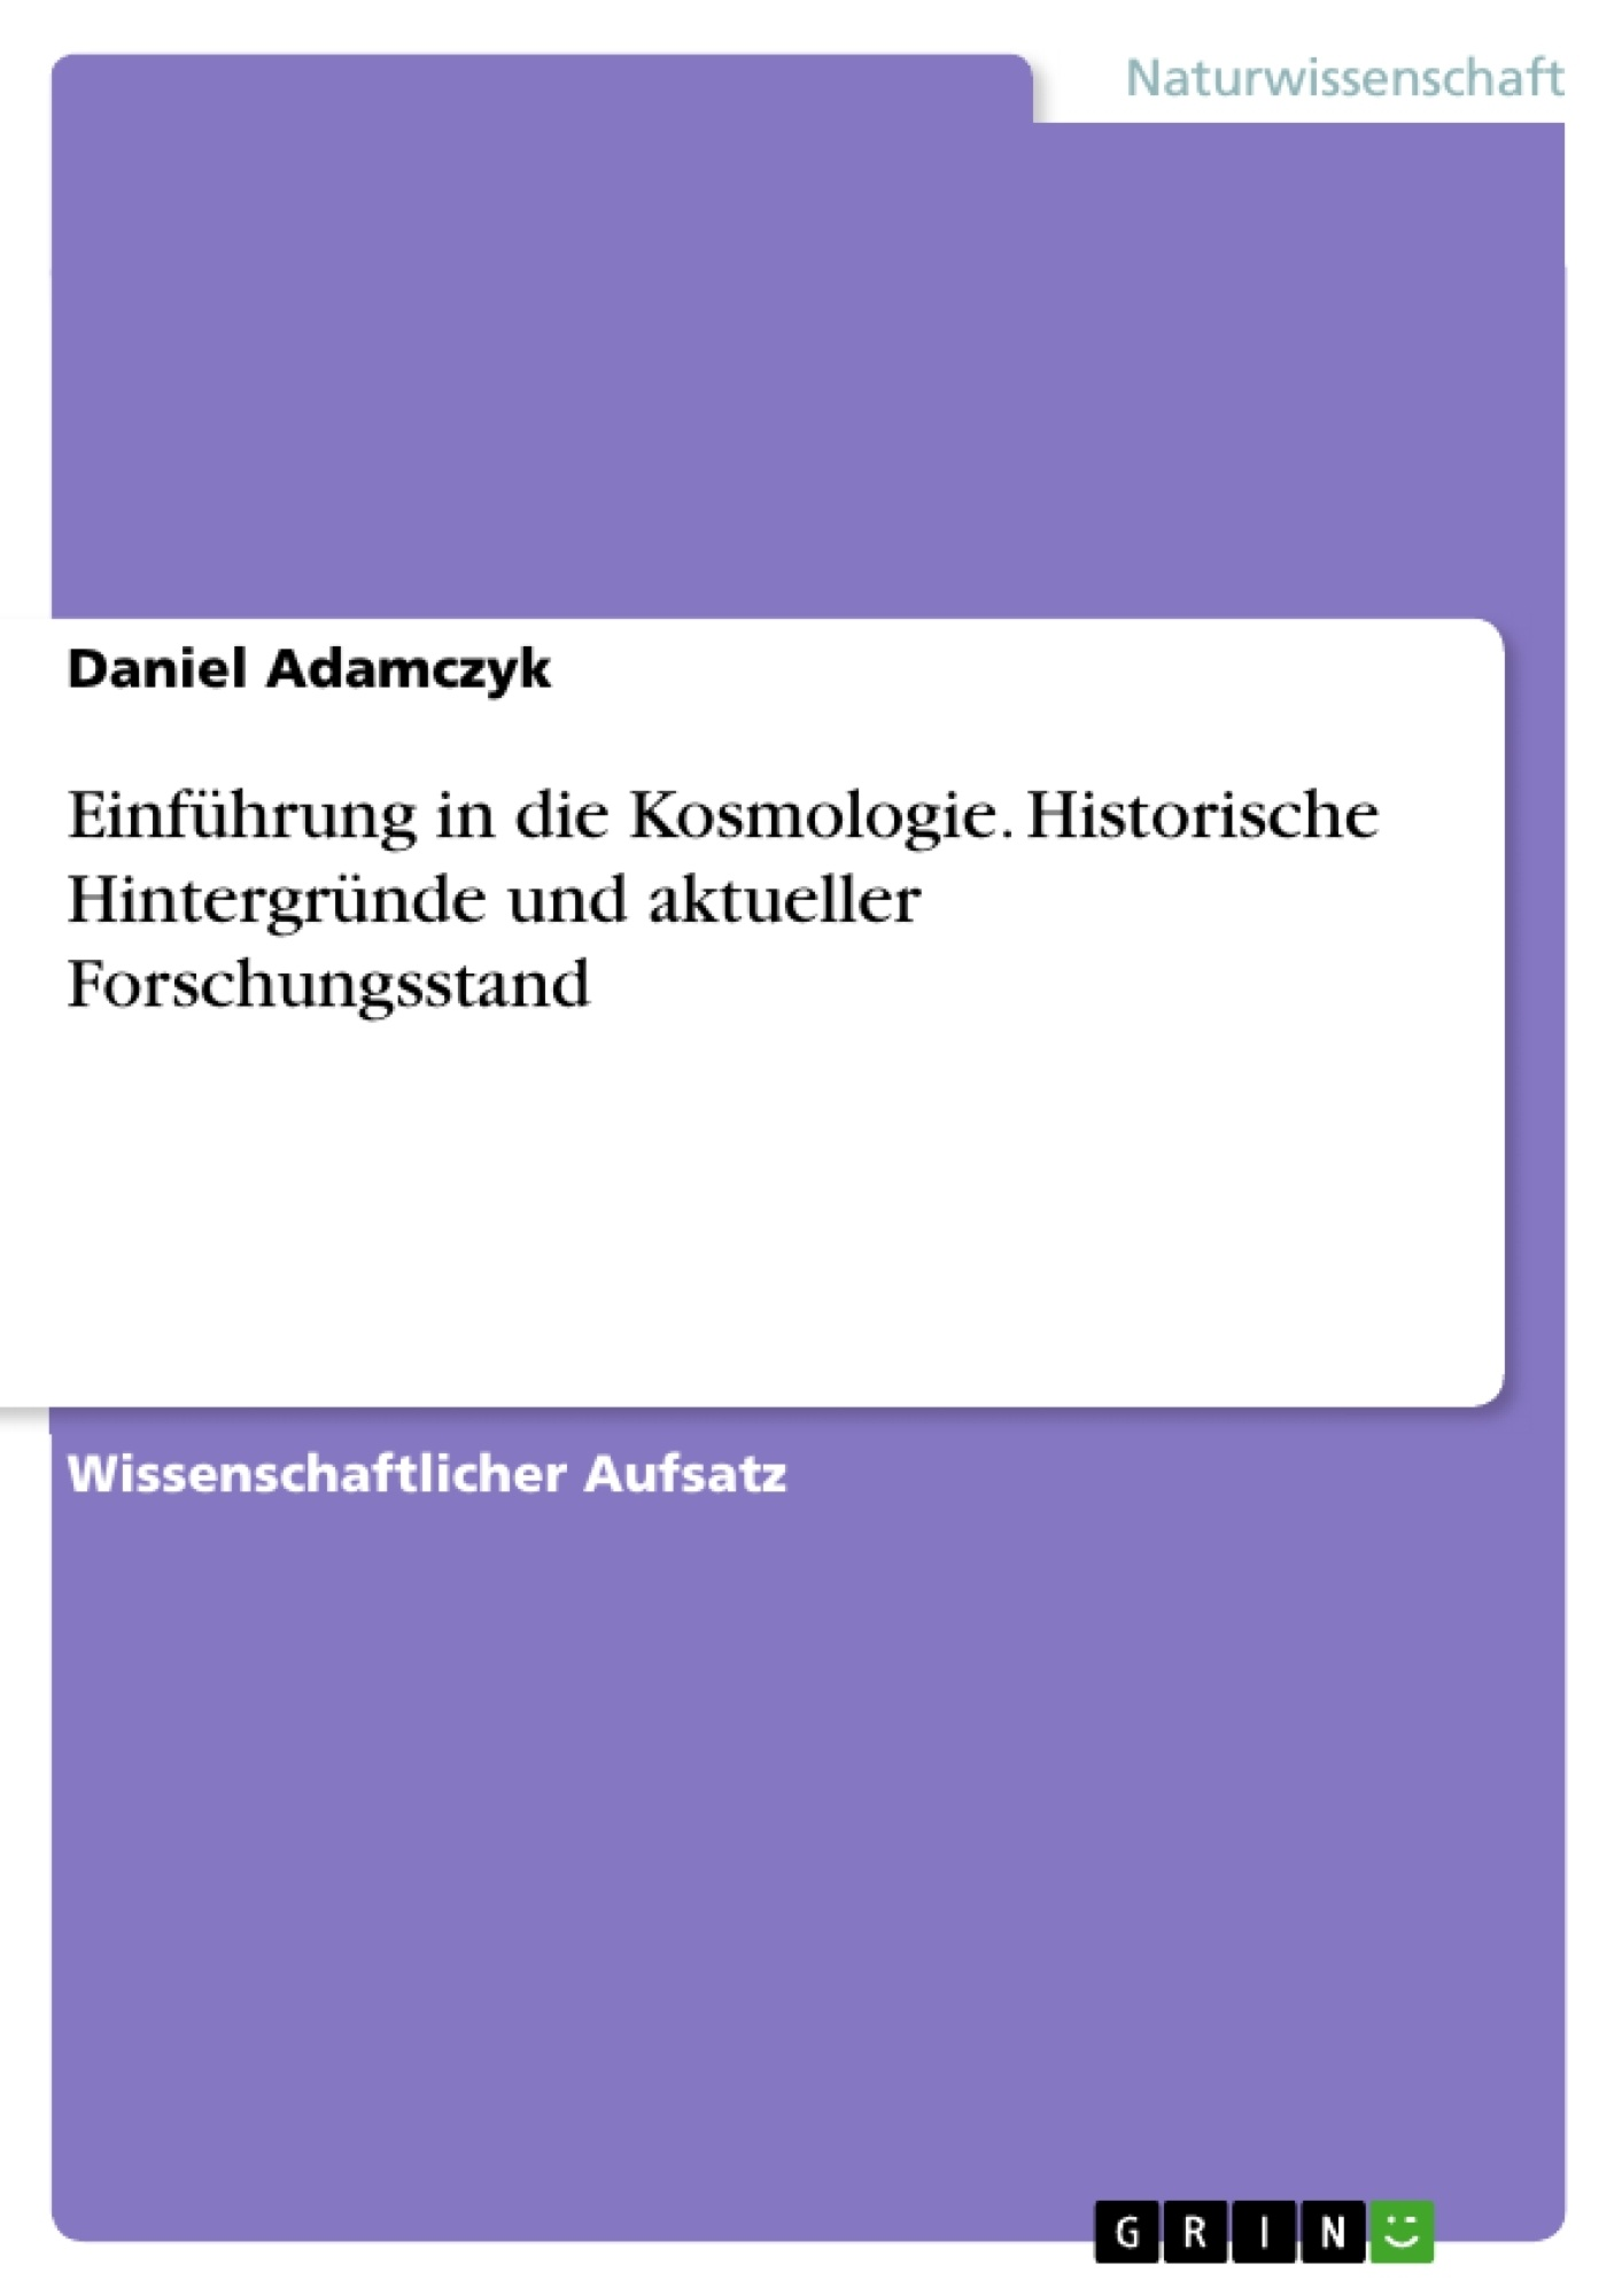 Titel: Einführung in die Kosmologie. Historische Hintergründe und aktueller Forschungsstand